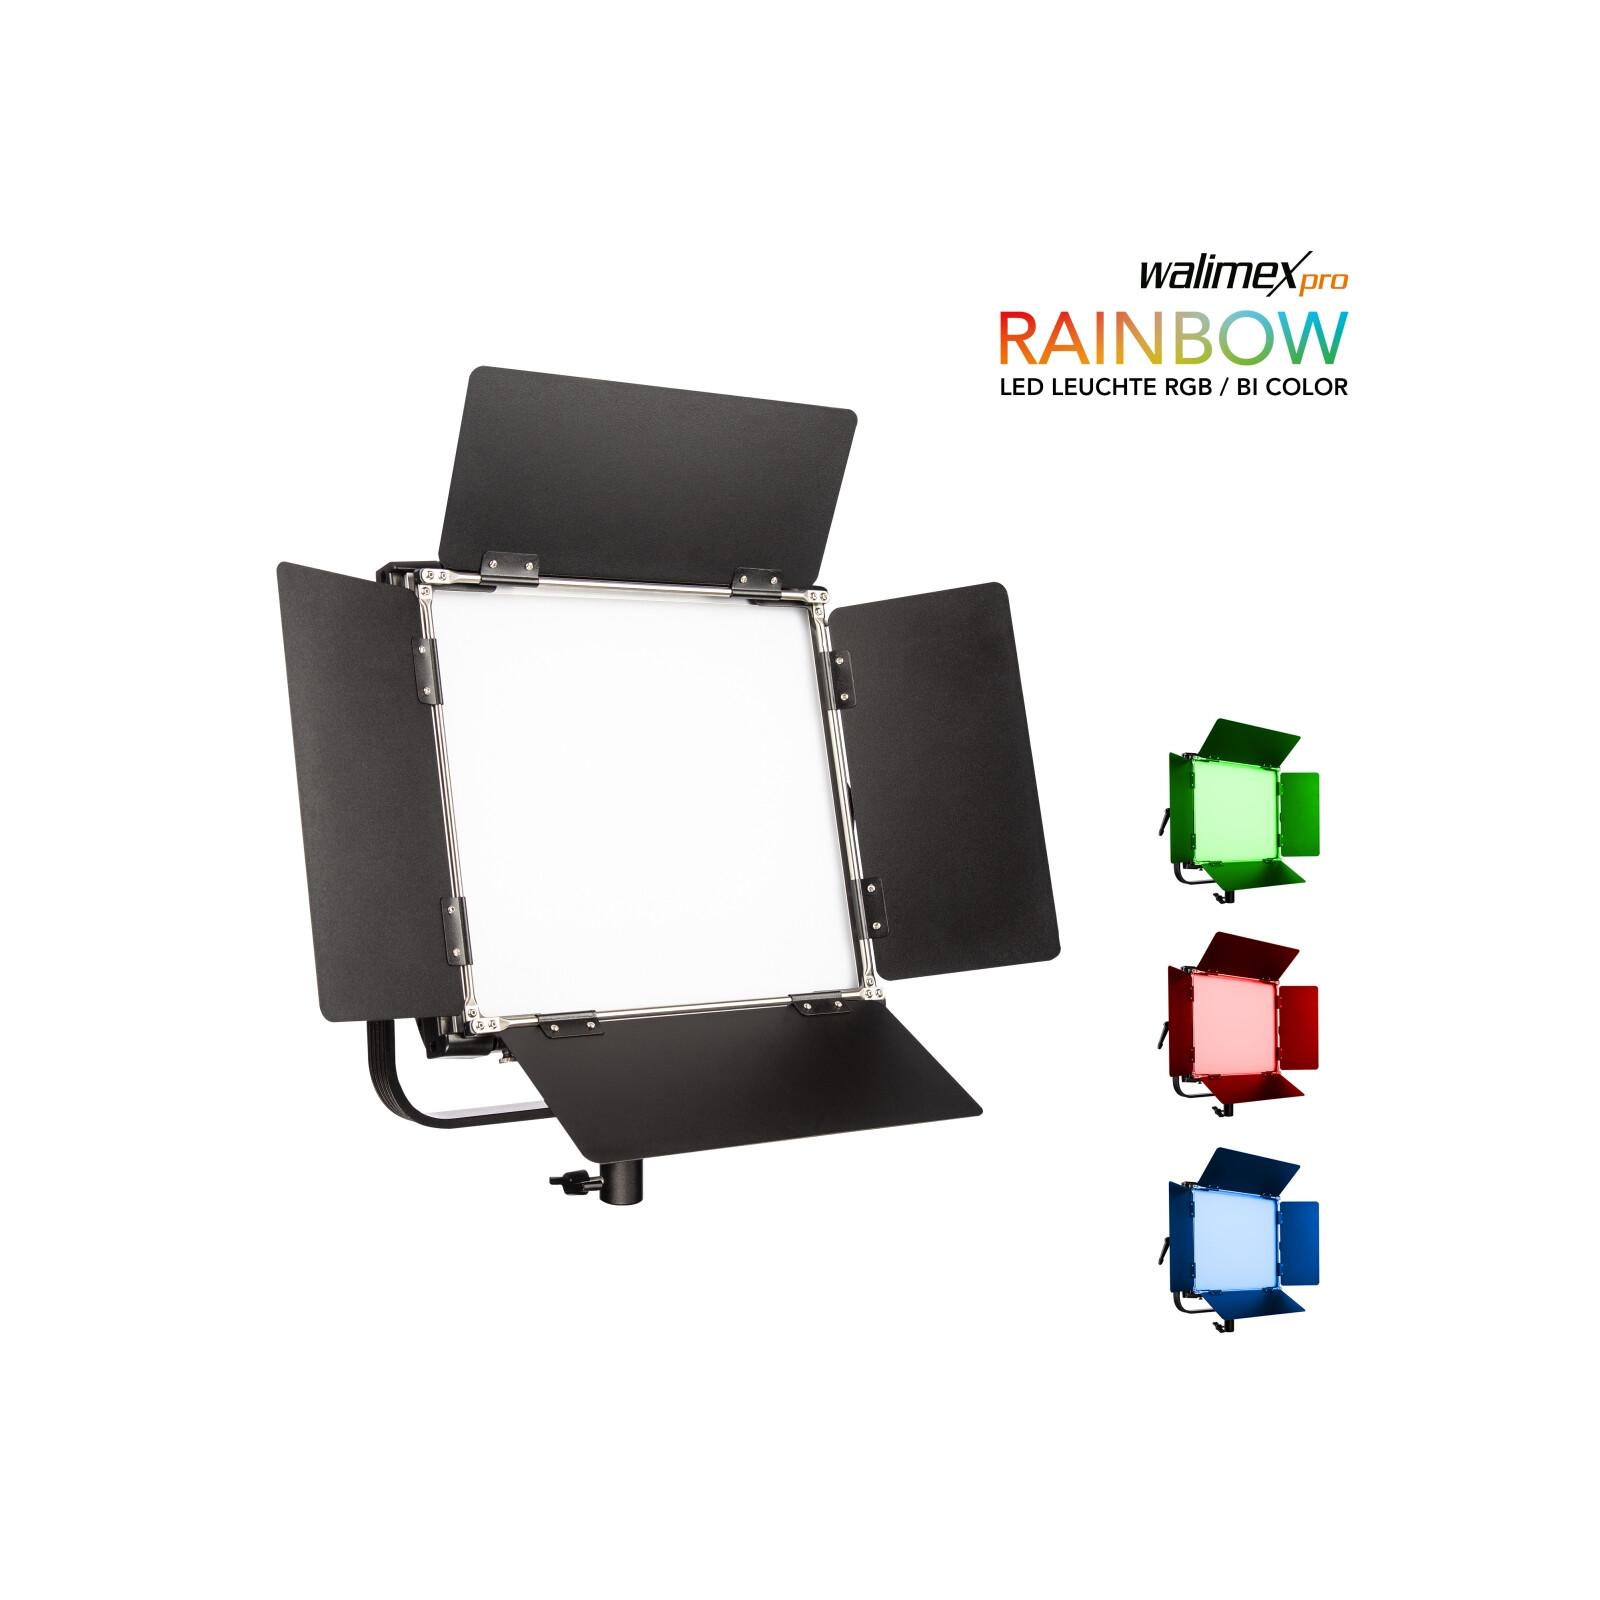 Walimex pro LED Rainbow 50W RGBWW Set 1 (1x Rainbow 50W, 1x